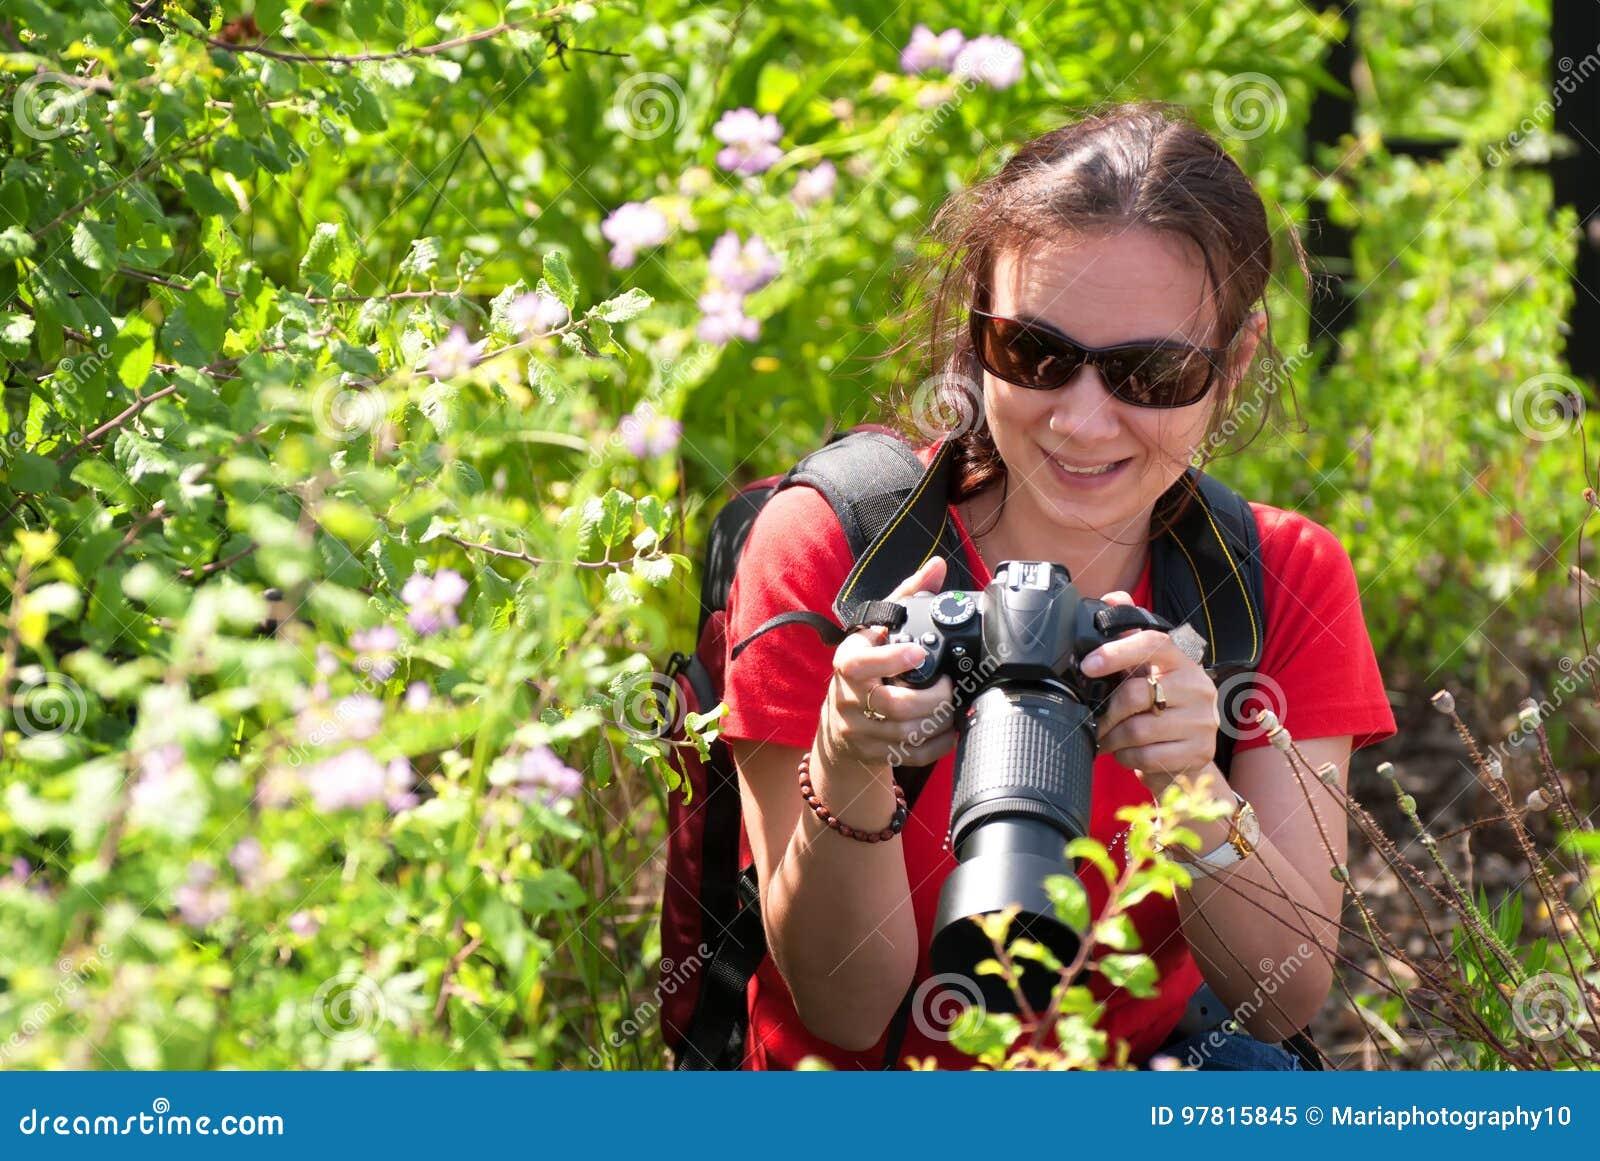 妇女摄影师本质上